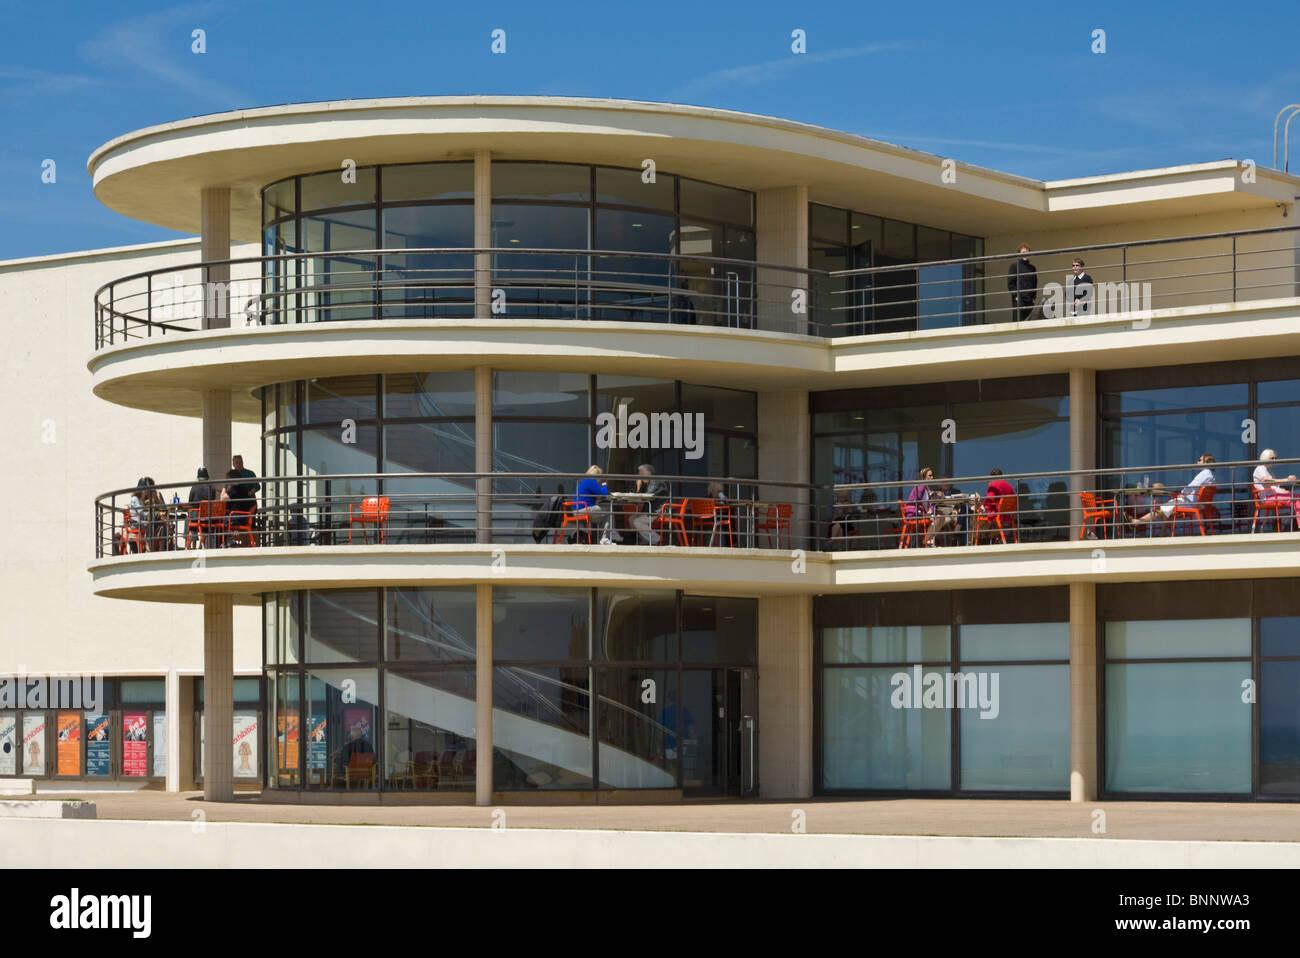 Détails de l'architecture extérieure De La Warr Pavilion, Bexhill on Sea, East Sussex, England, GB, le Royaume-Uni, l'Union européenne, de l'Europe Banque D'Images